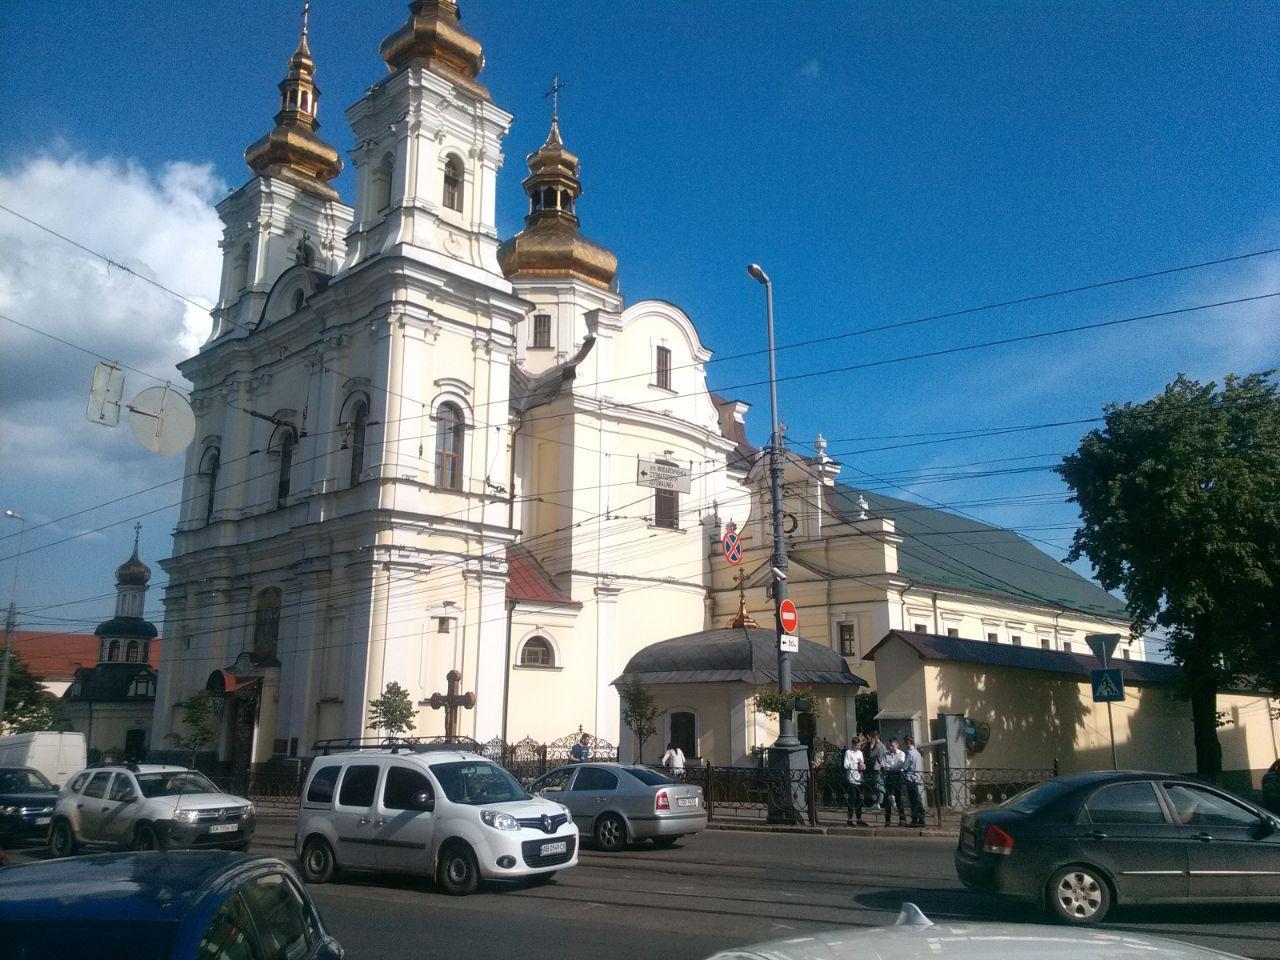 Камера біля Кафедрального собору Вінницької єпархії ПЦУ, настоятель якого Митрополит Симеон - один із єпископів УПЦ (МП), котрі перейшли до ПЦУ